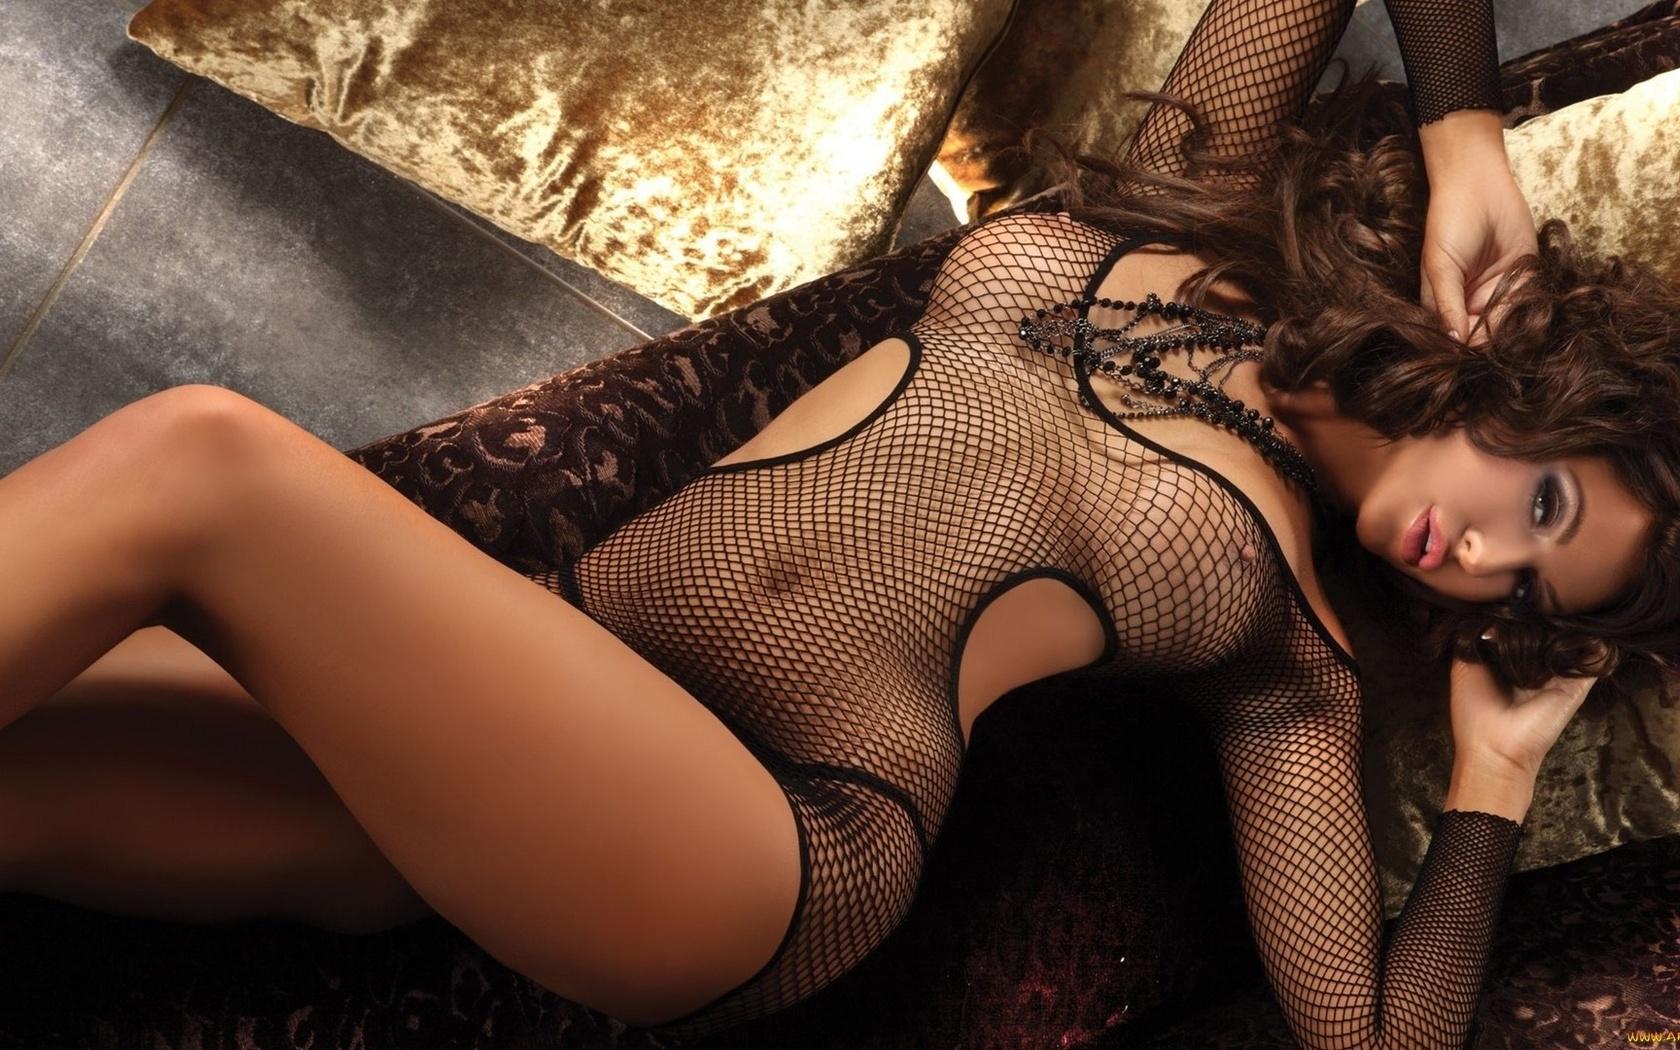 Порно фото галереи горячие попки откровенно